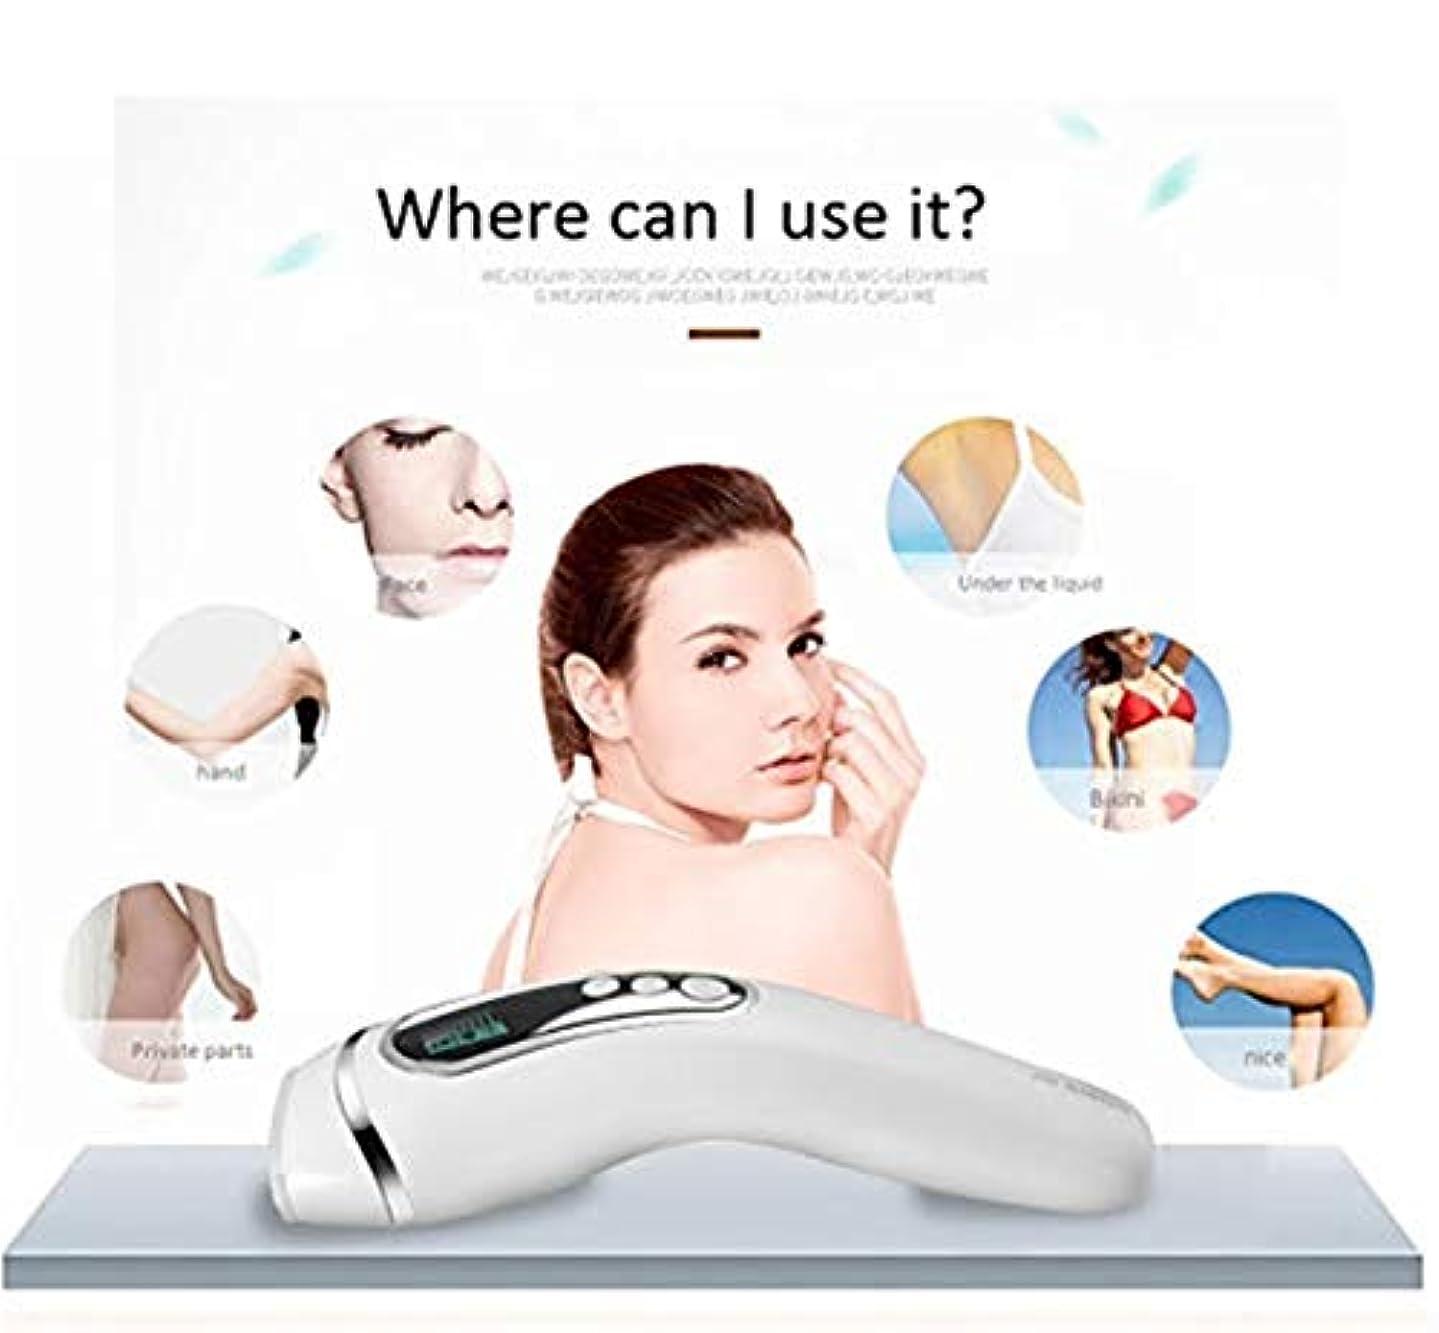 肘掛け椅子ハンディ酸化物化粧用品 レーザー脱毛デバイスのホーム美容室フルボディシェービング無痛エレクトリックユニセックス